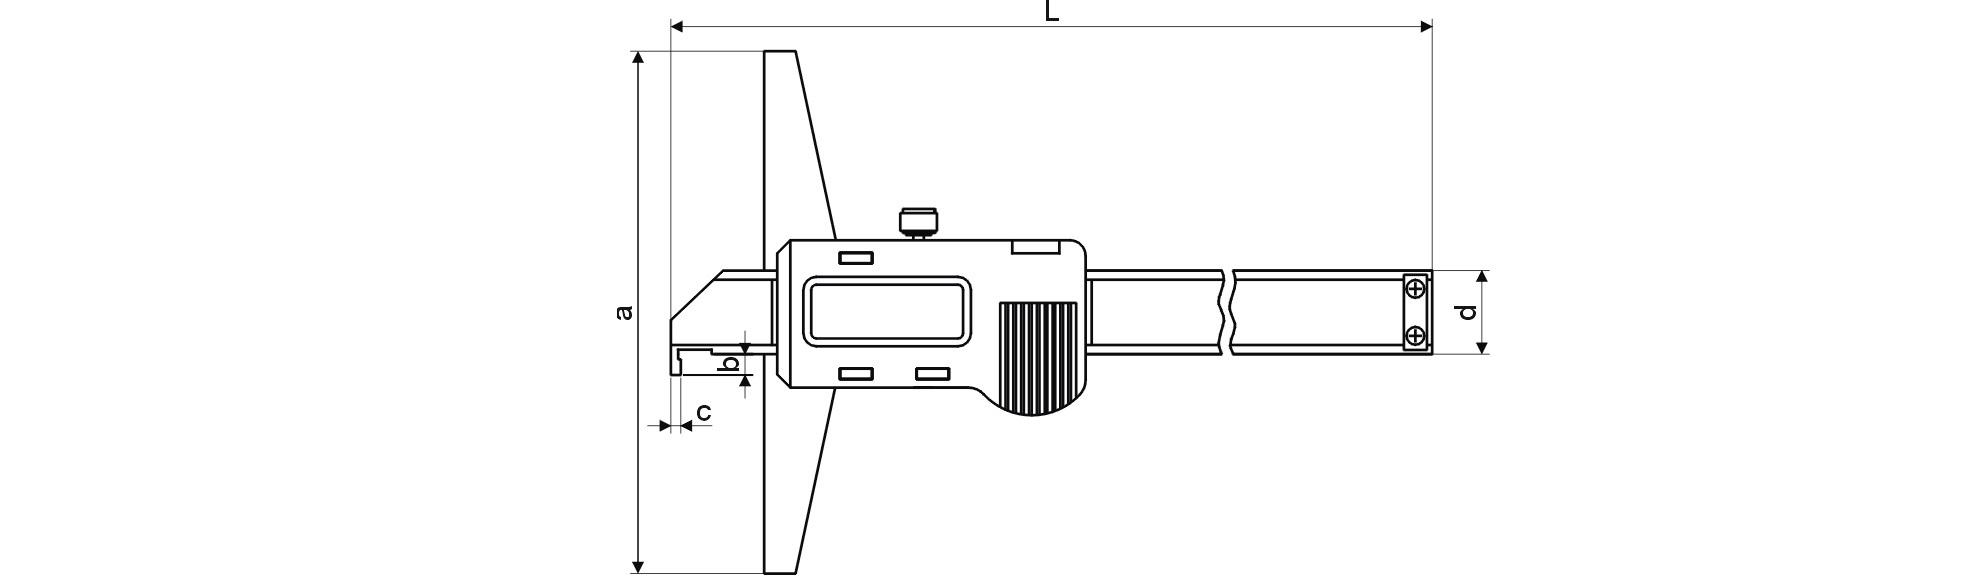 Digital-Tiefen-Messschieber - mit Haken - Metallgehäuse